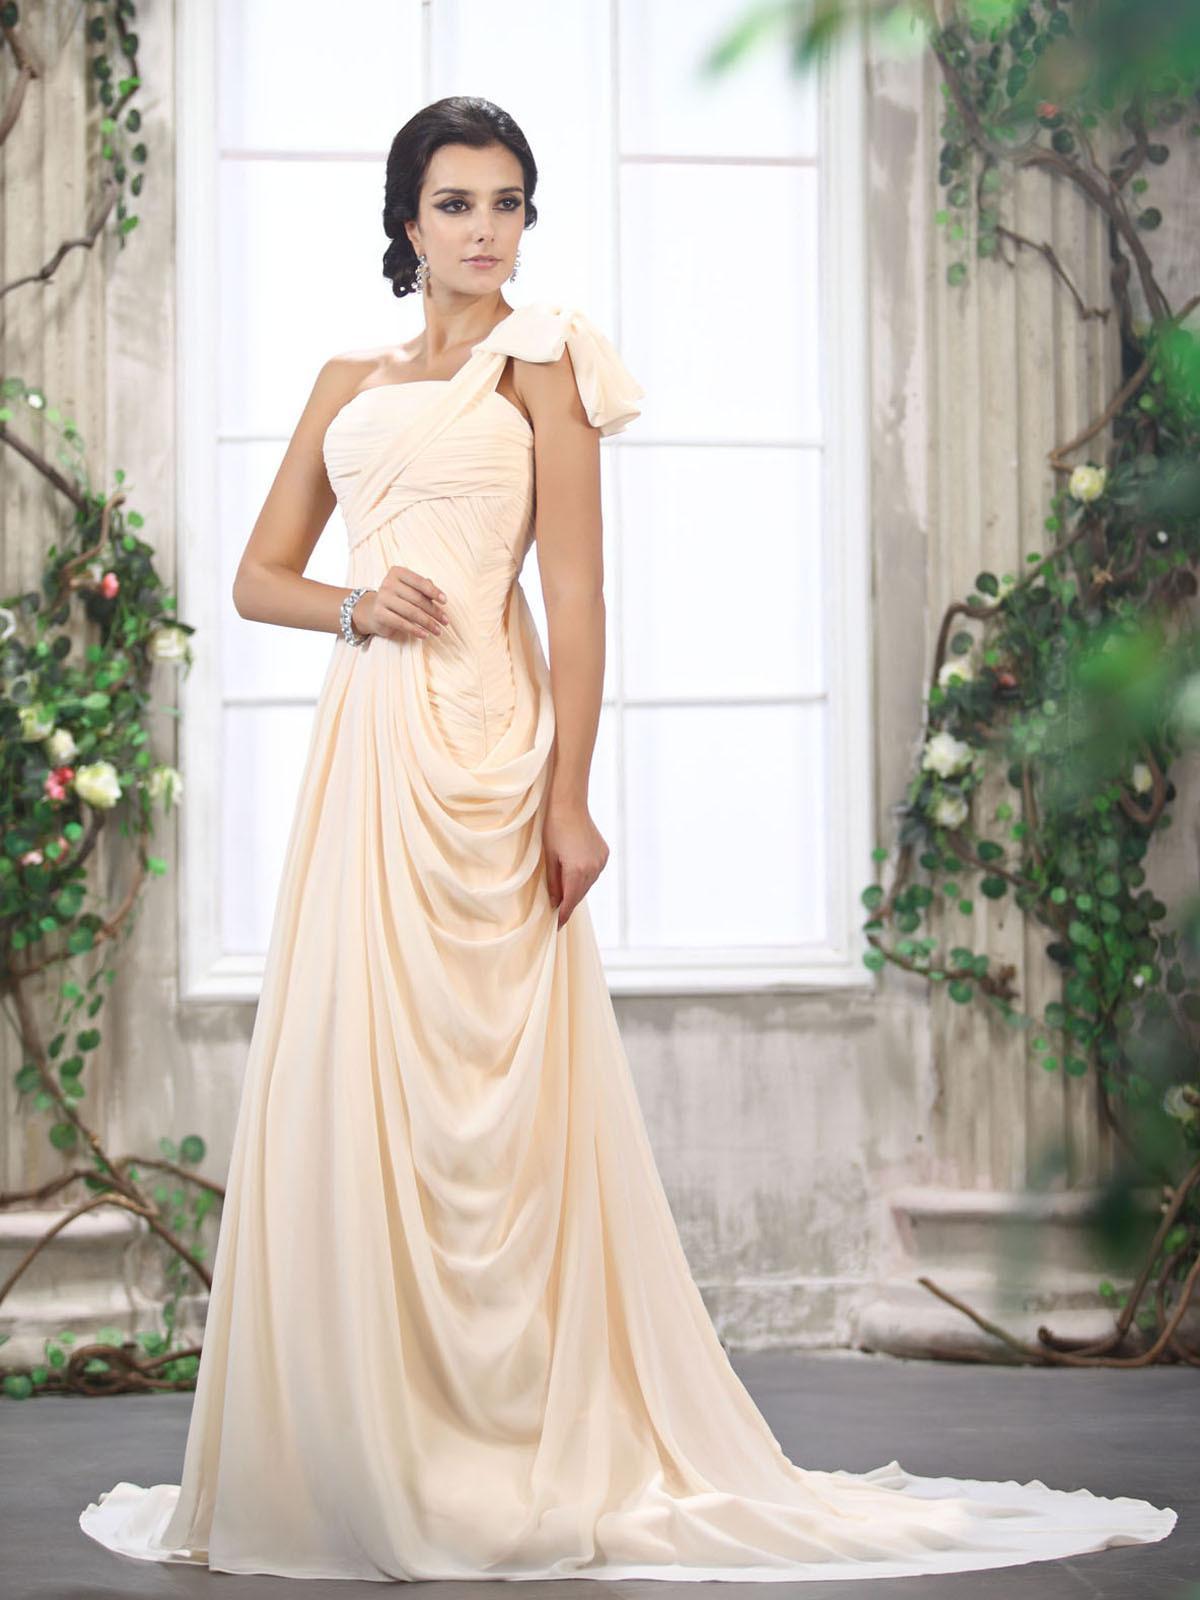 Svadobné šaty, čo sa mi páčia :) - Obrázok č. 54